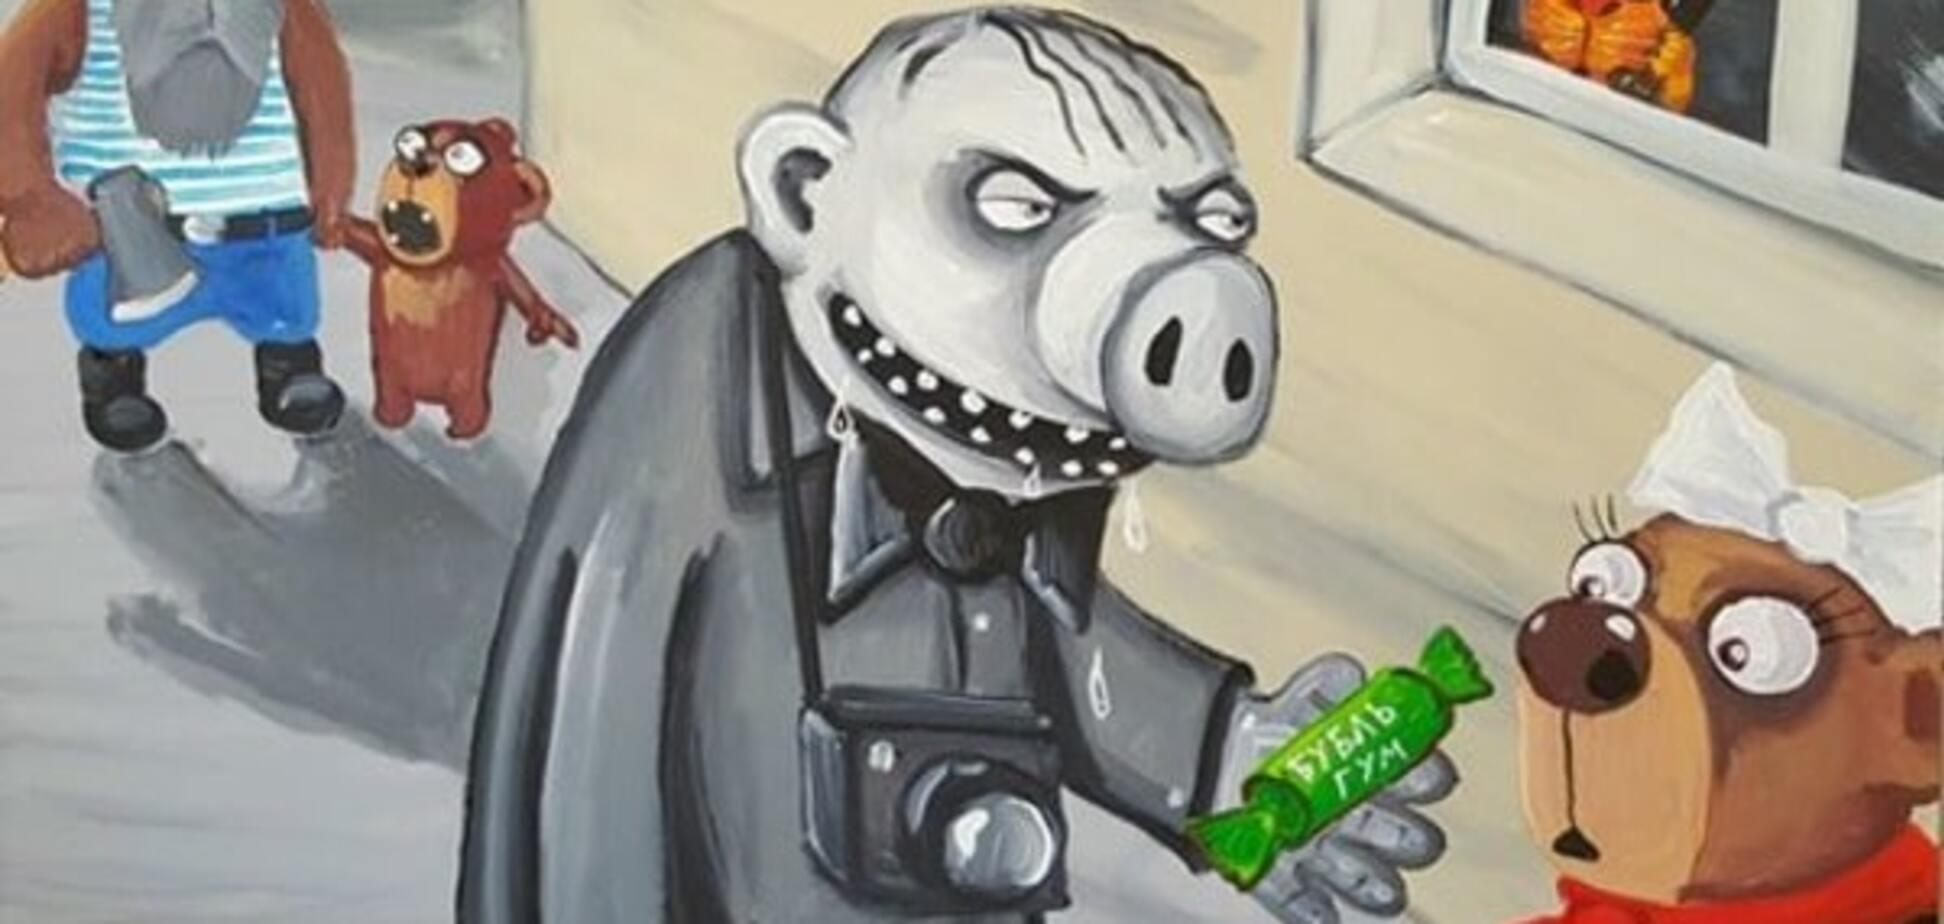 Інтурист: російський художник посміявся над тим, як в країні сприймають іноземців. Фотофакт